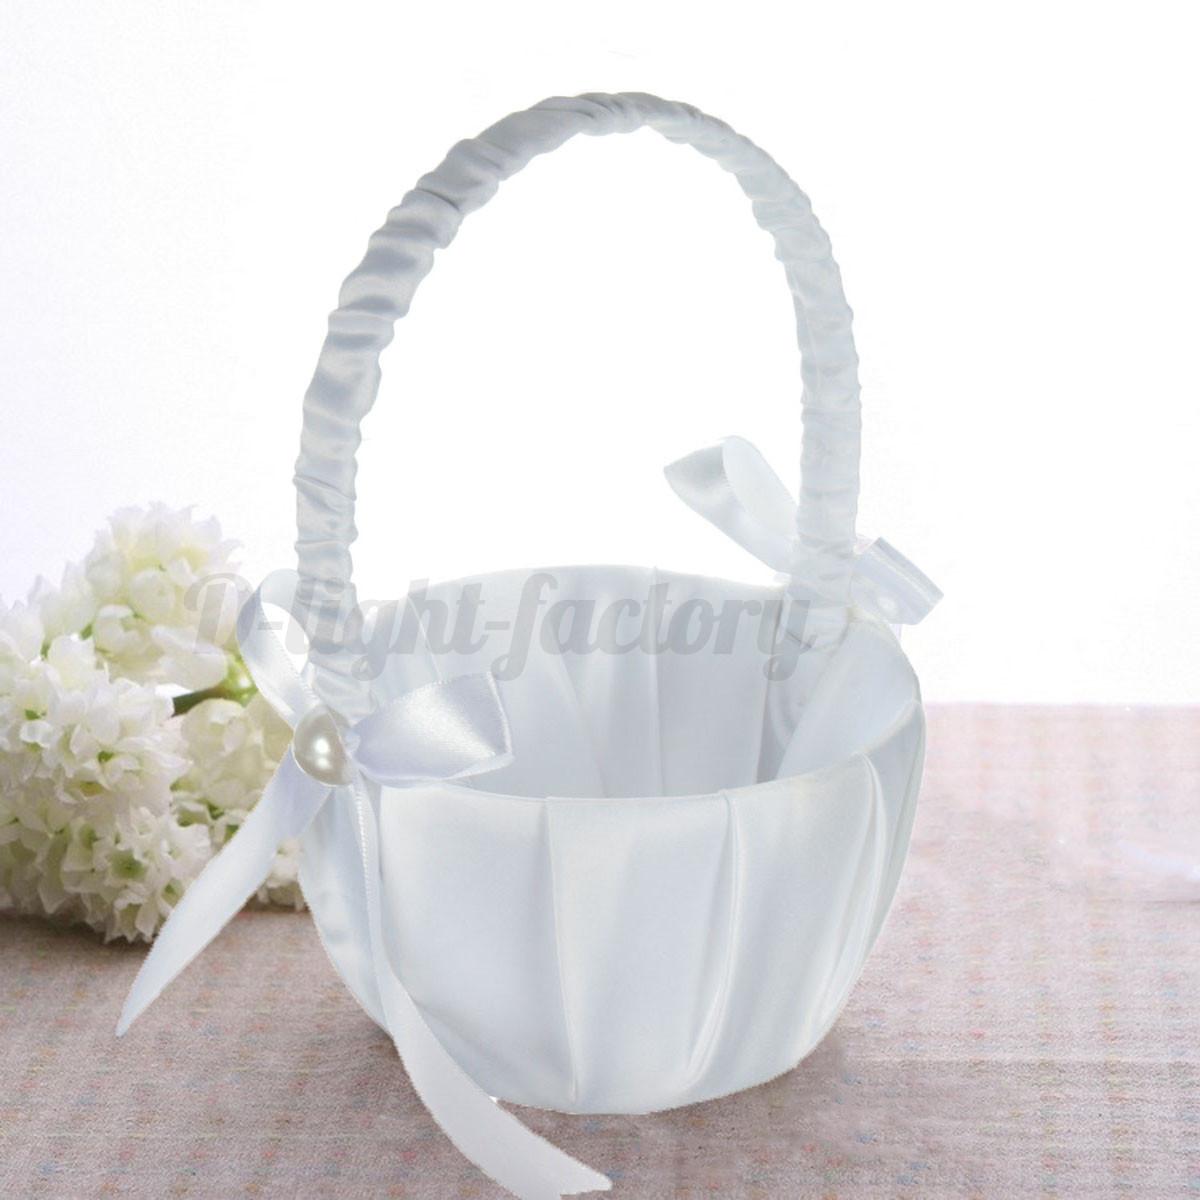 Flower Girl Basket Kit : Romantic white satin bowknot pearl flower girl basket